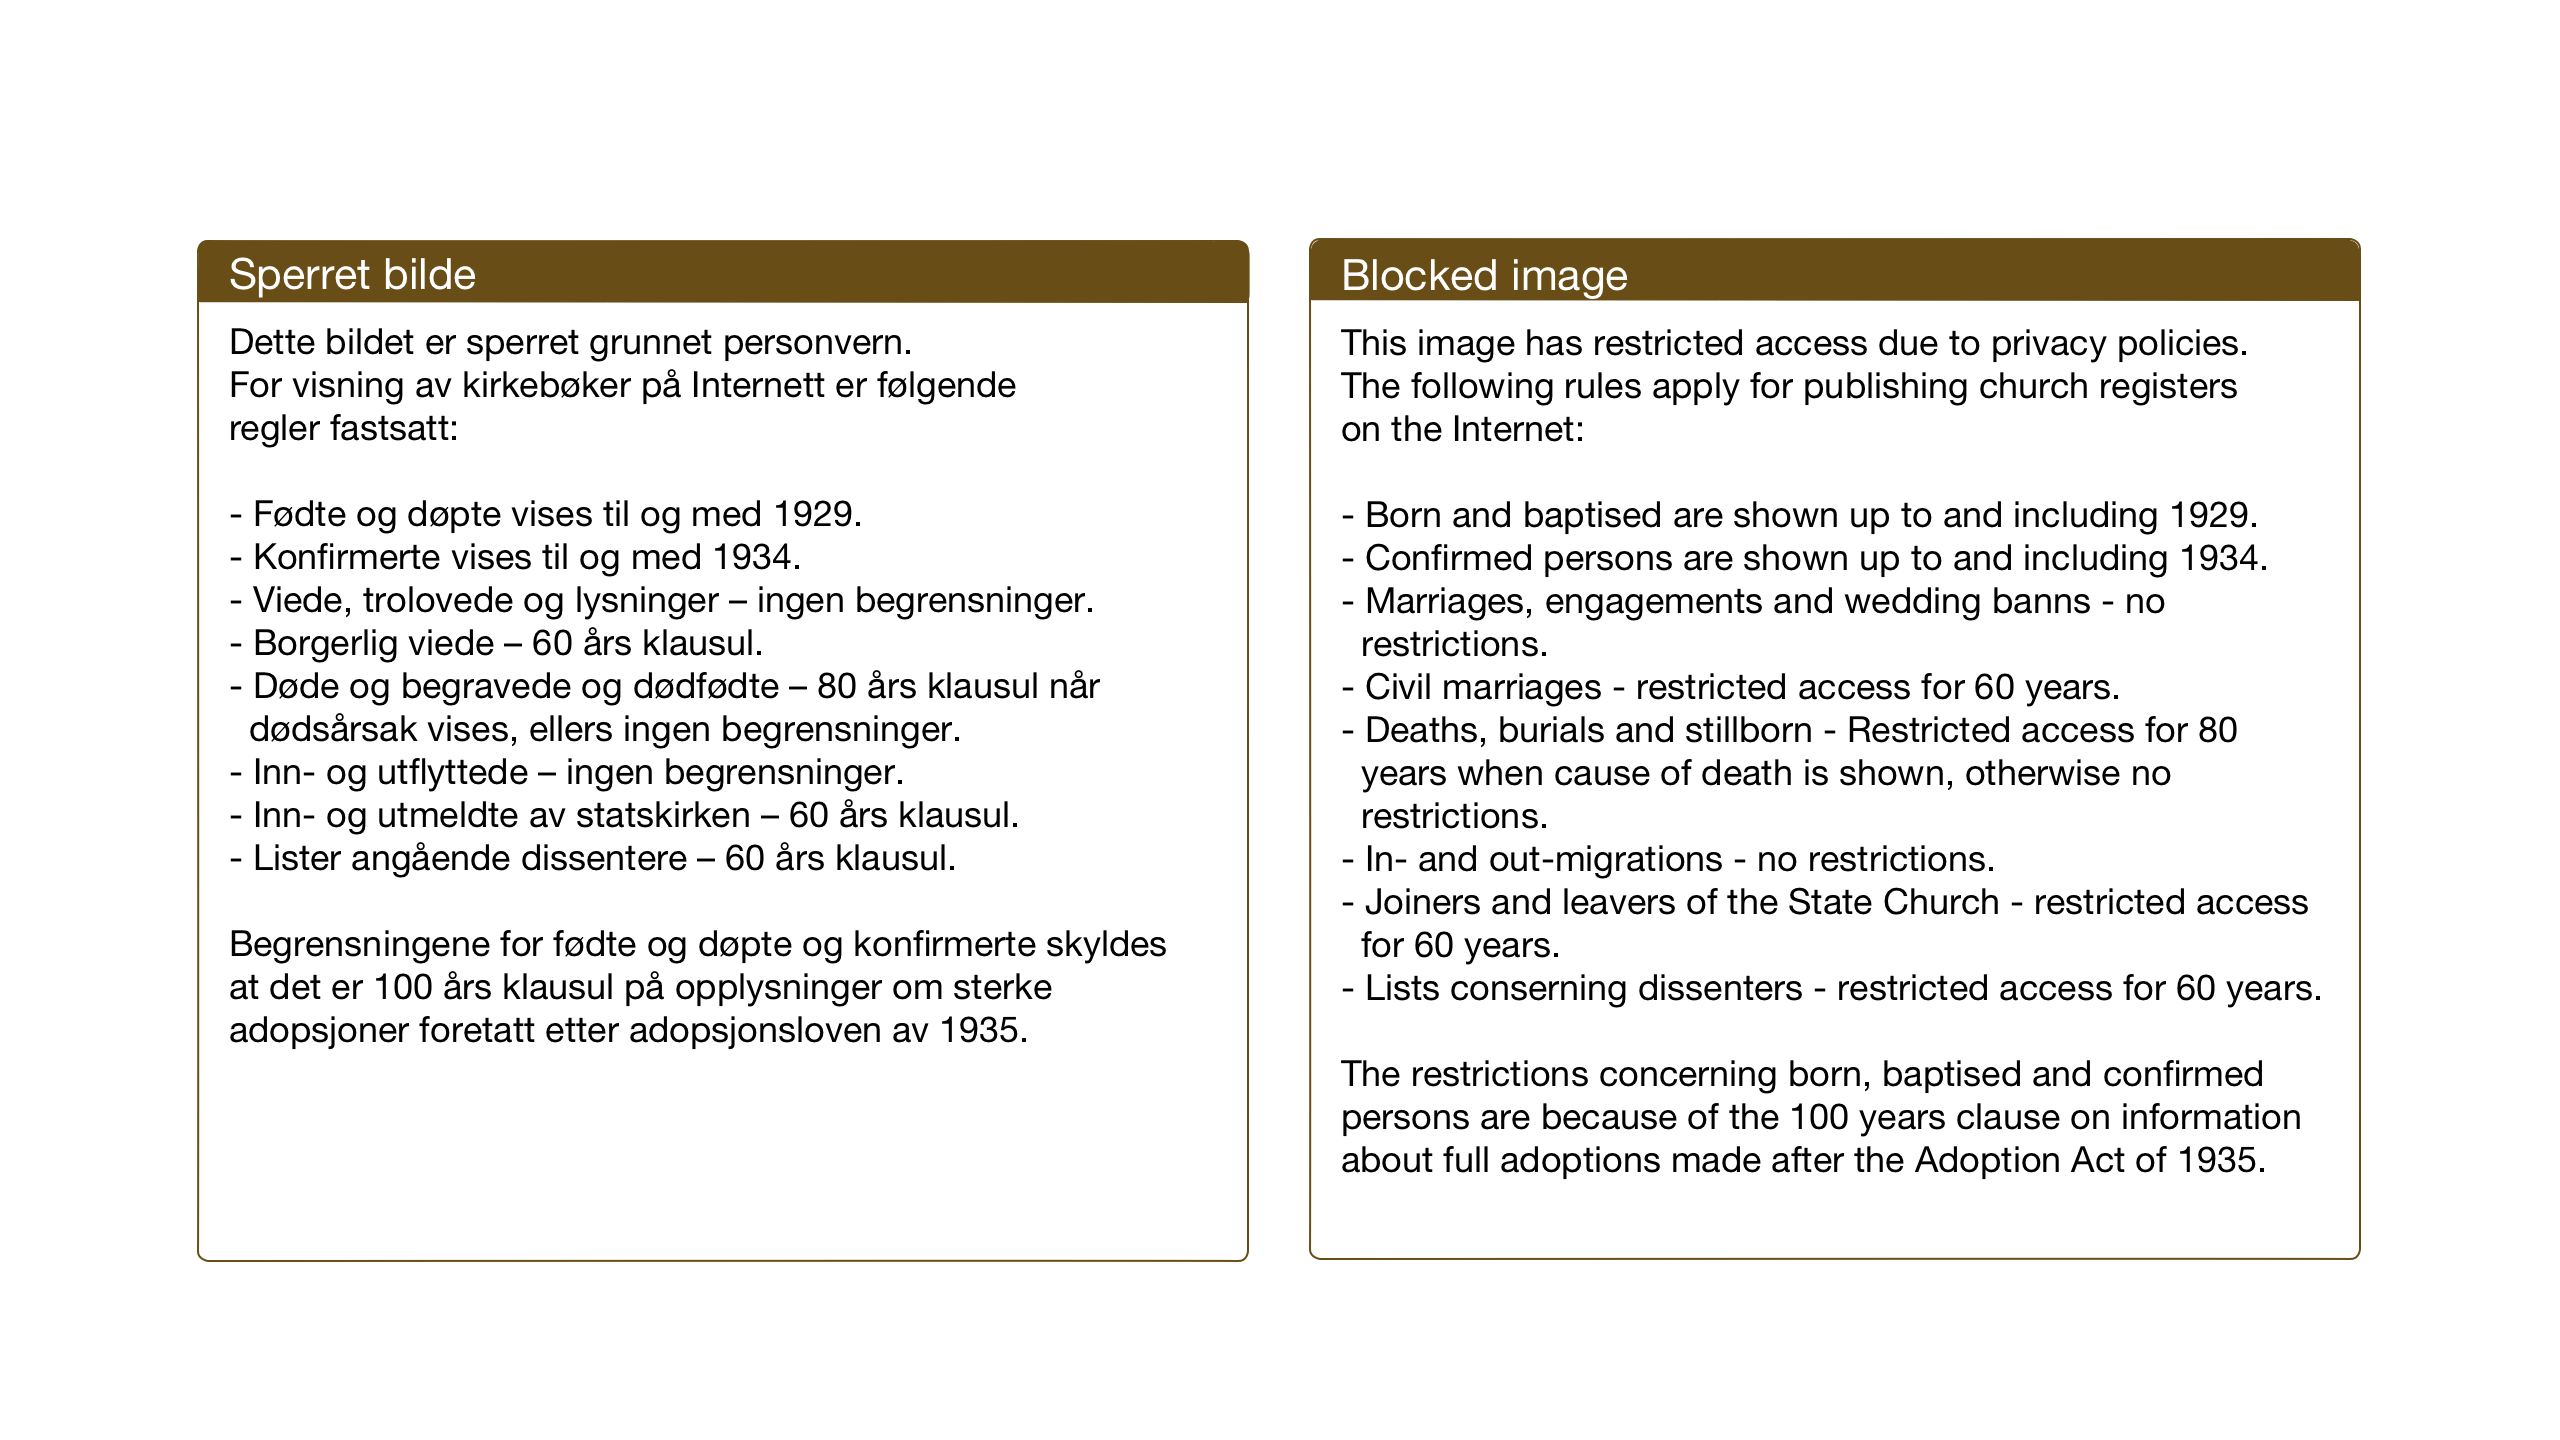 SAT, Ministerialprotokoller, klokkerbøker og fødselsregistre - Sør-Trøndelag, 653/L0658: Klokkerbok nr. 653C02, 1919-1947, s. 52